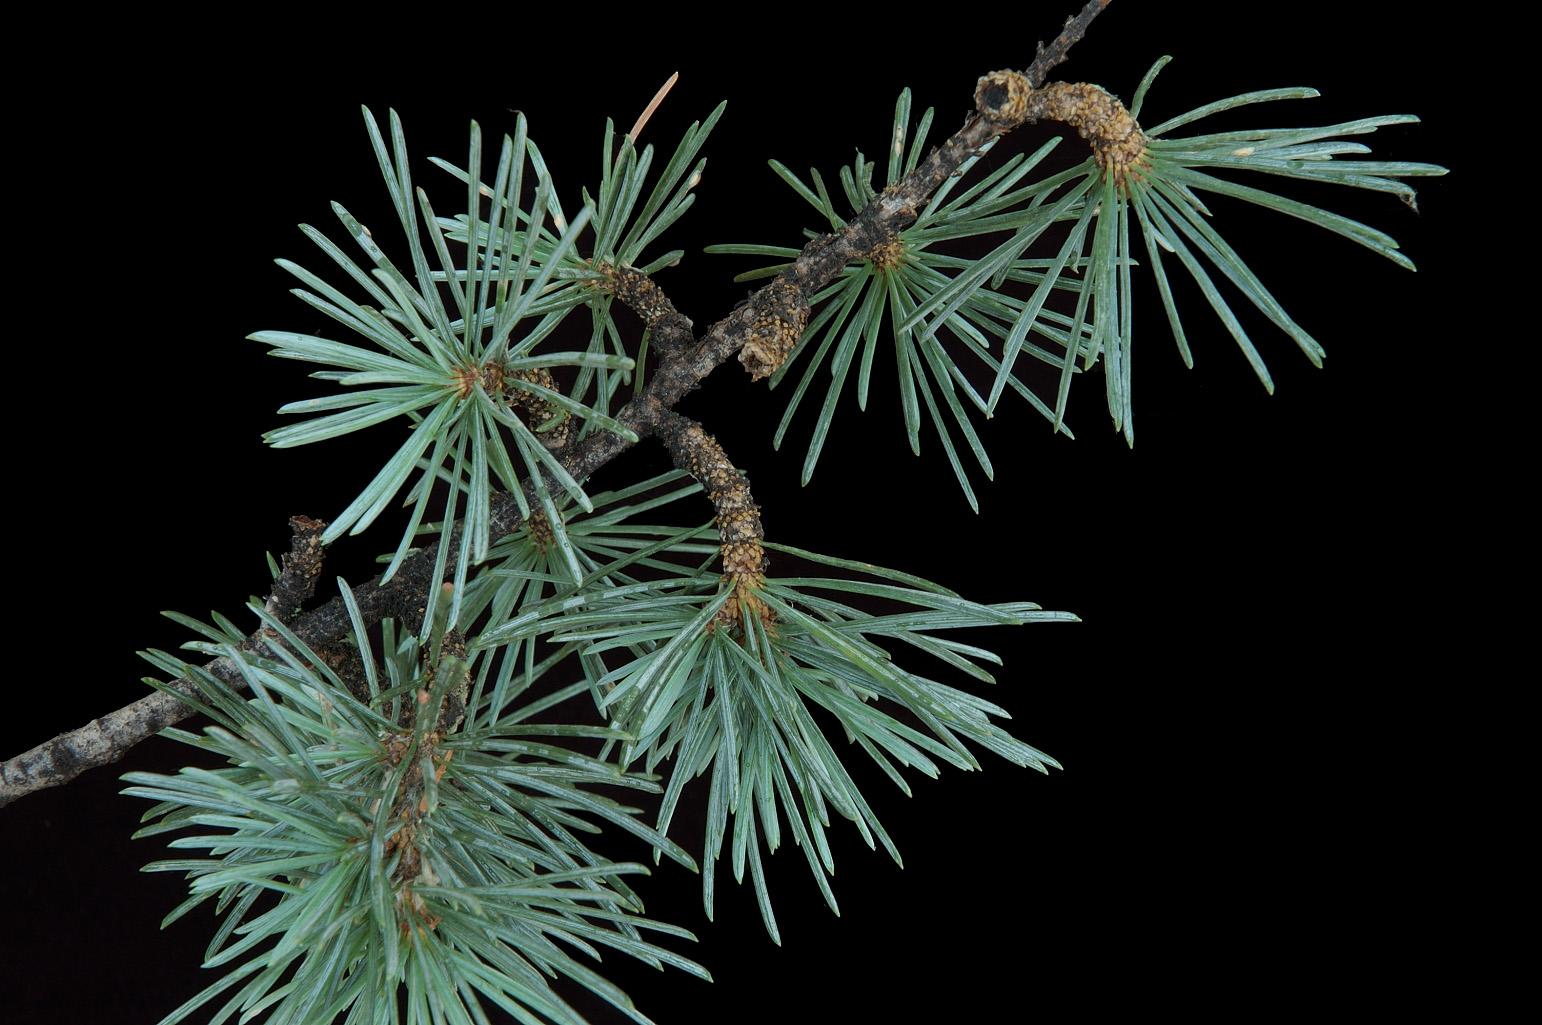 Rama con hojas aciculares de 2 cm long. agrupadas en ramas cortas (braquiblastos)